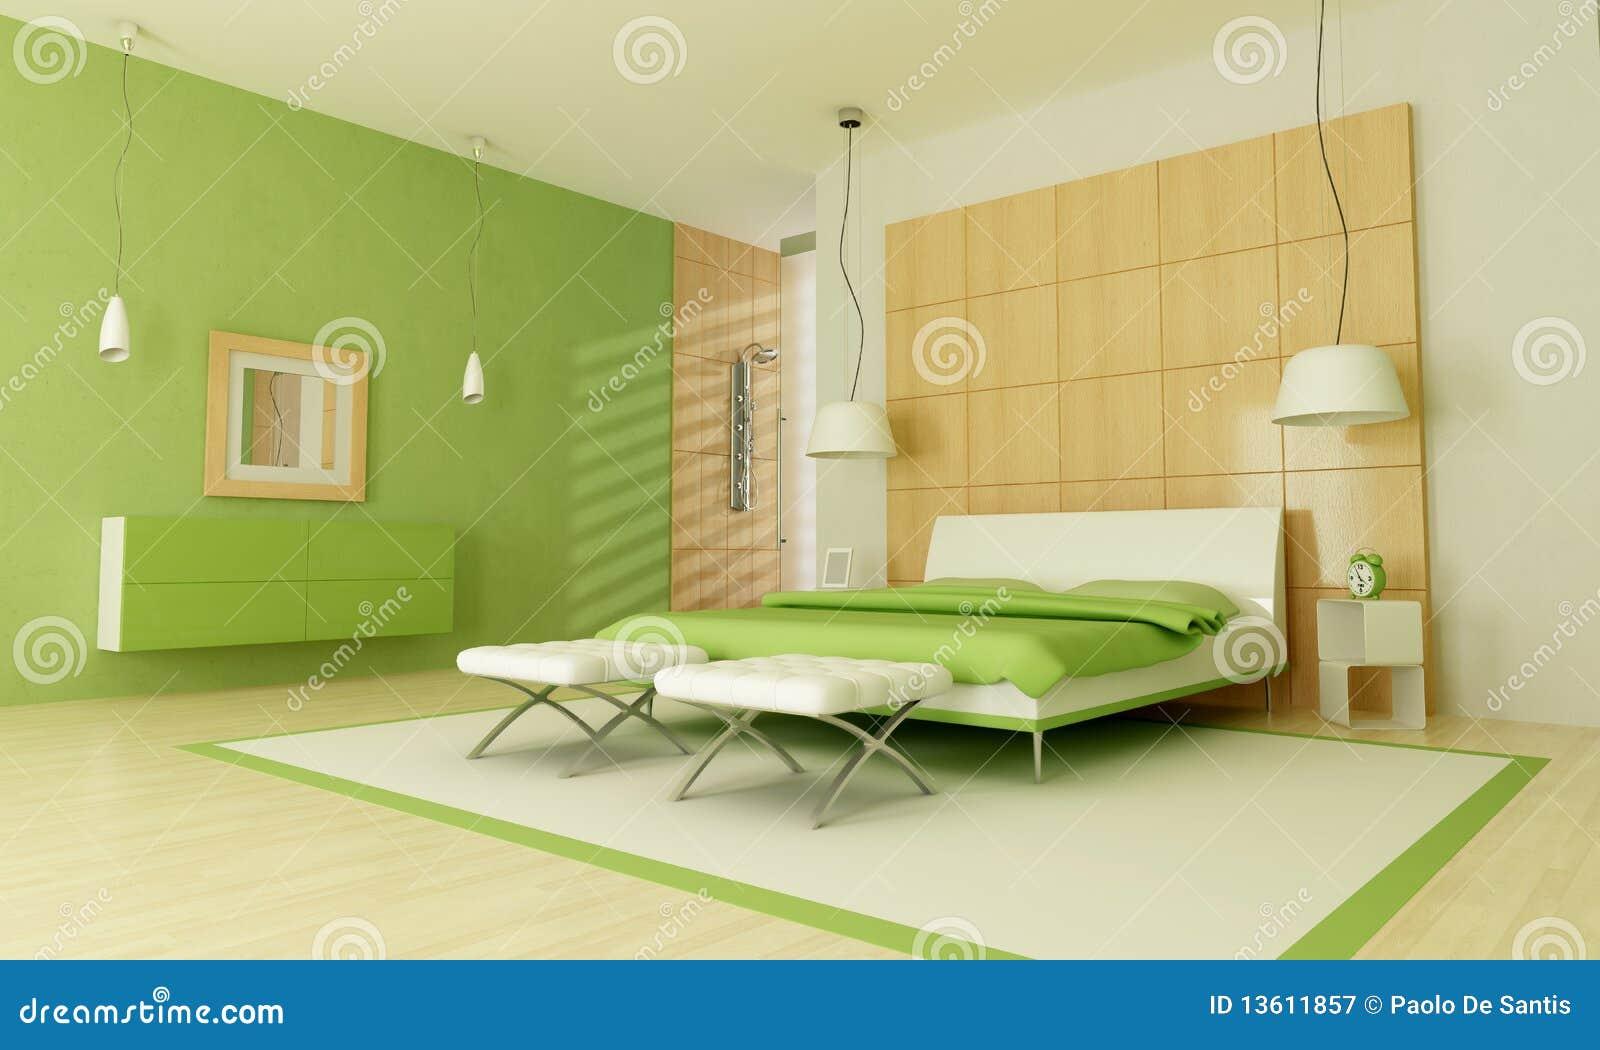 Grünes Modernes Schlafzimmer Lizenzfreie Stockfotografie - Bild ...